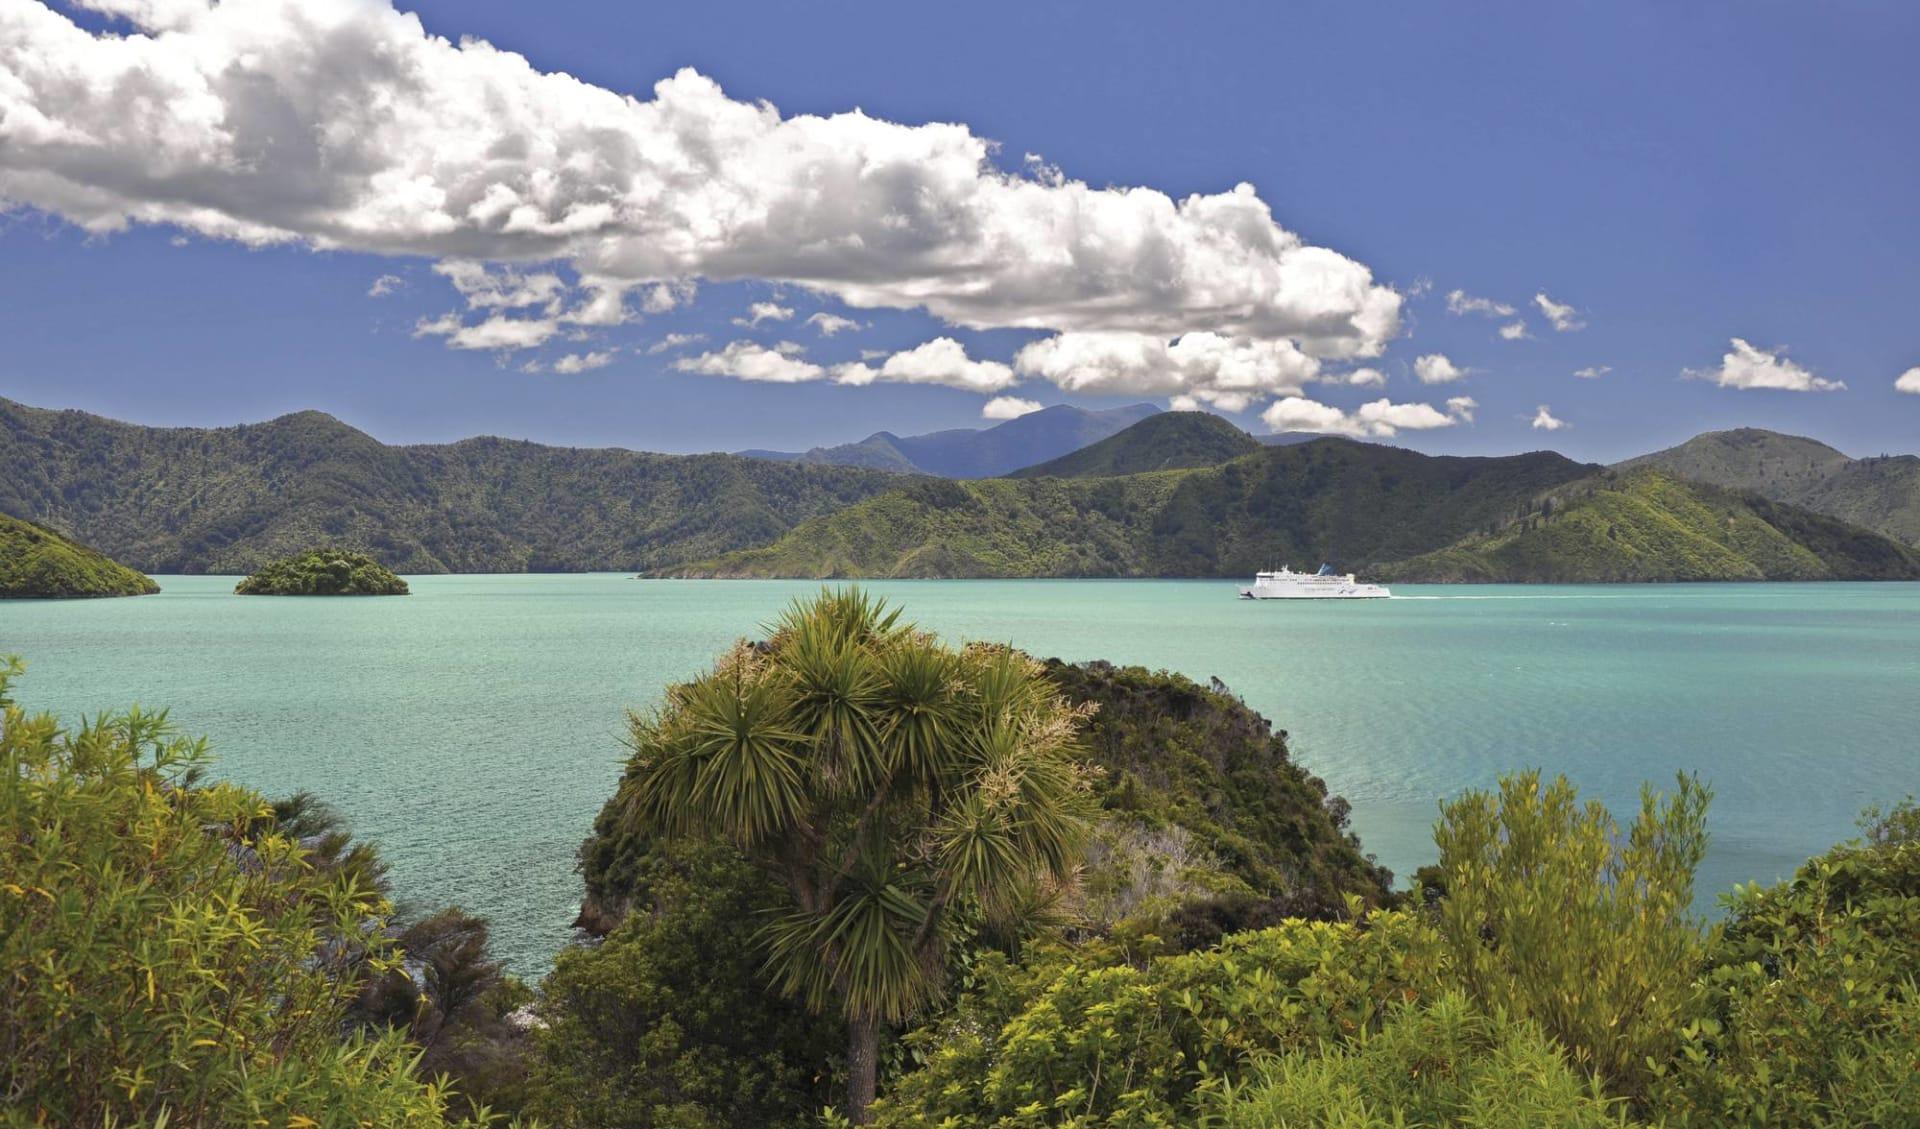 23 Tage Neuseeland bewusst erleben ab Auckland: Neuseeland - Interislander Fähre